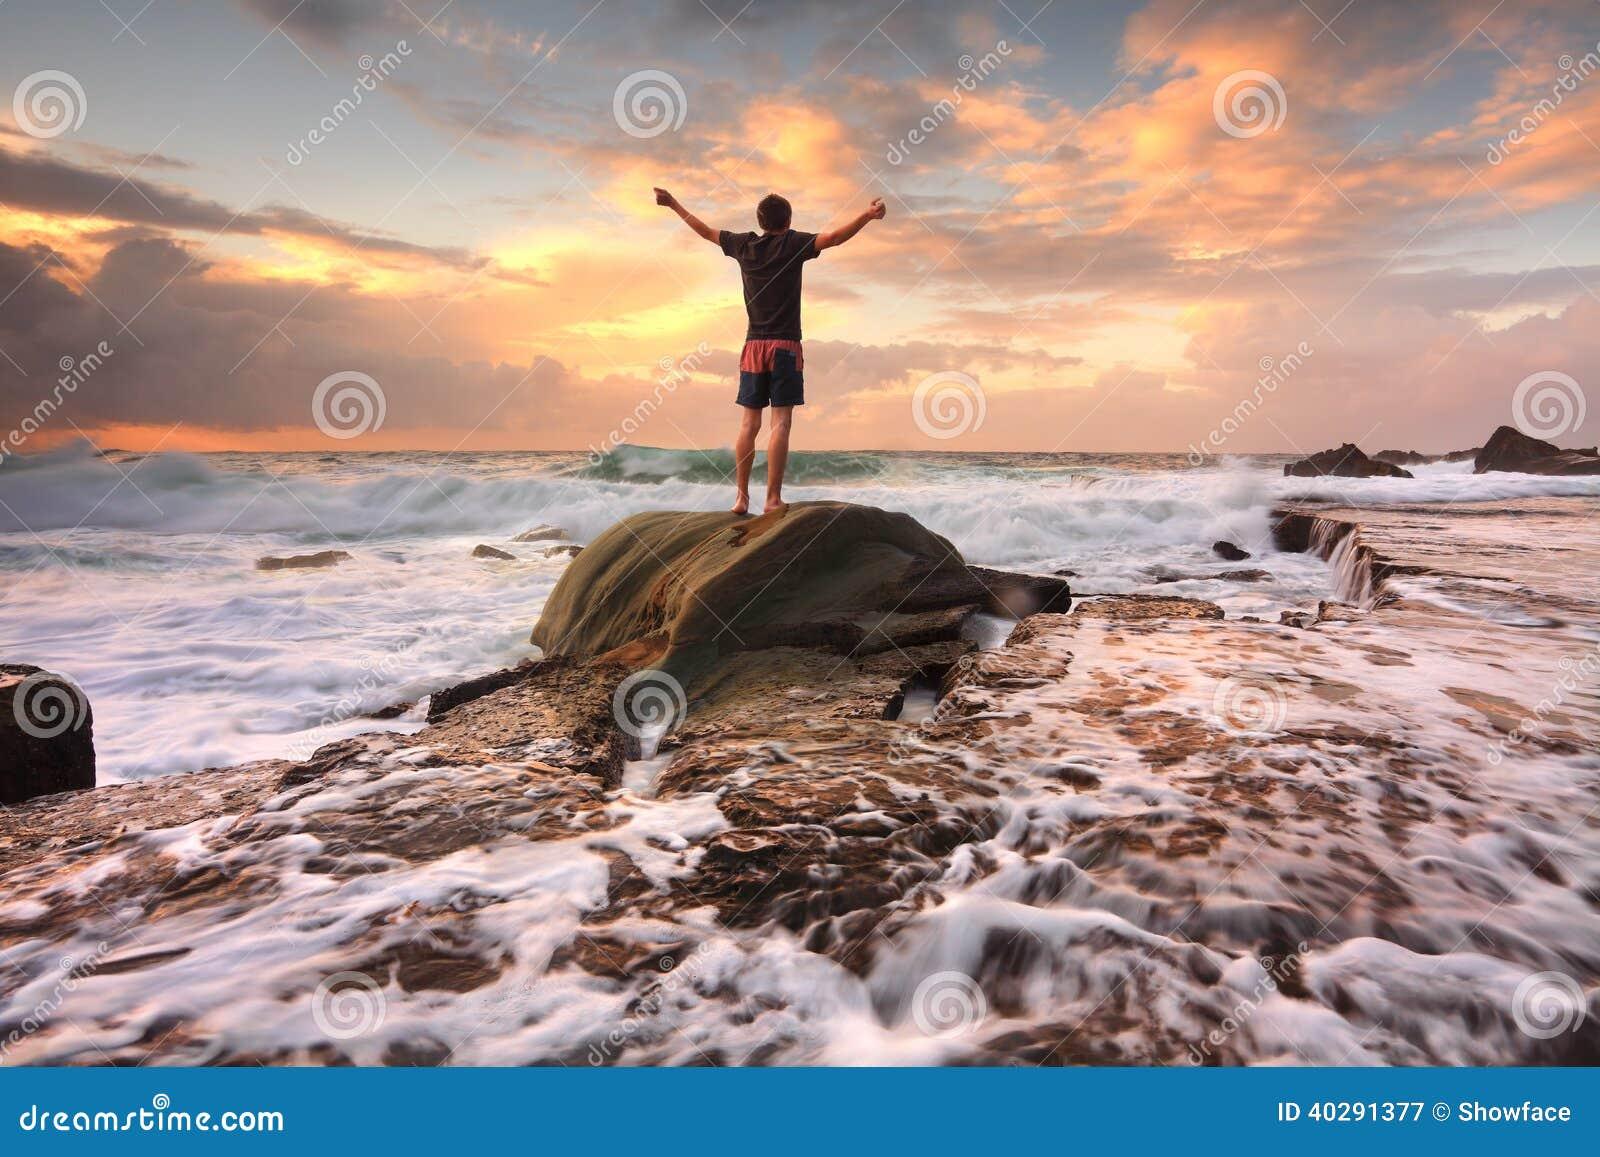 Жизнь пыла, бог хваления, природа влюбленности, моря восхода солнца турбулентные подготовляет